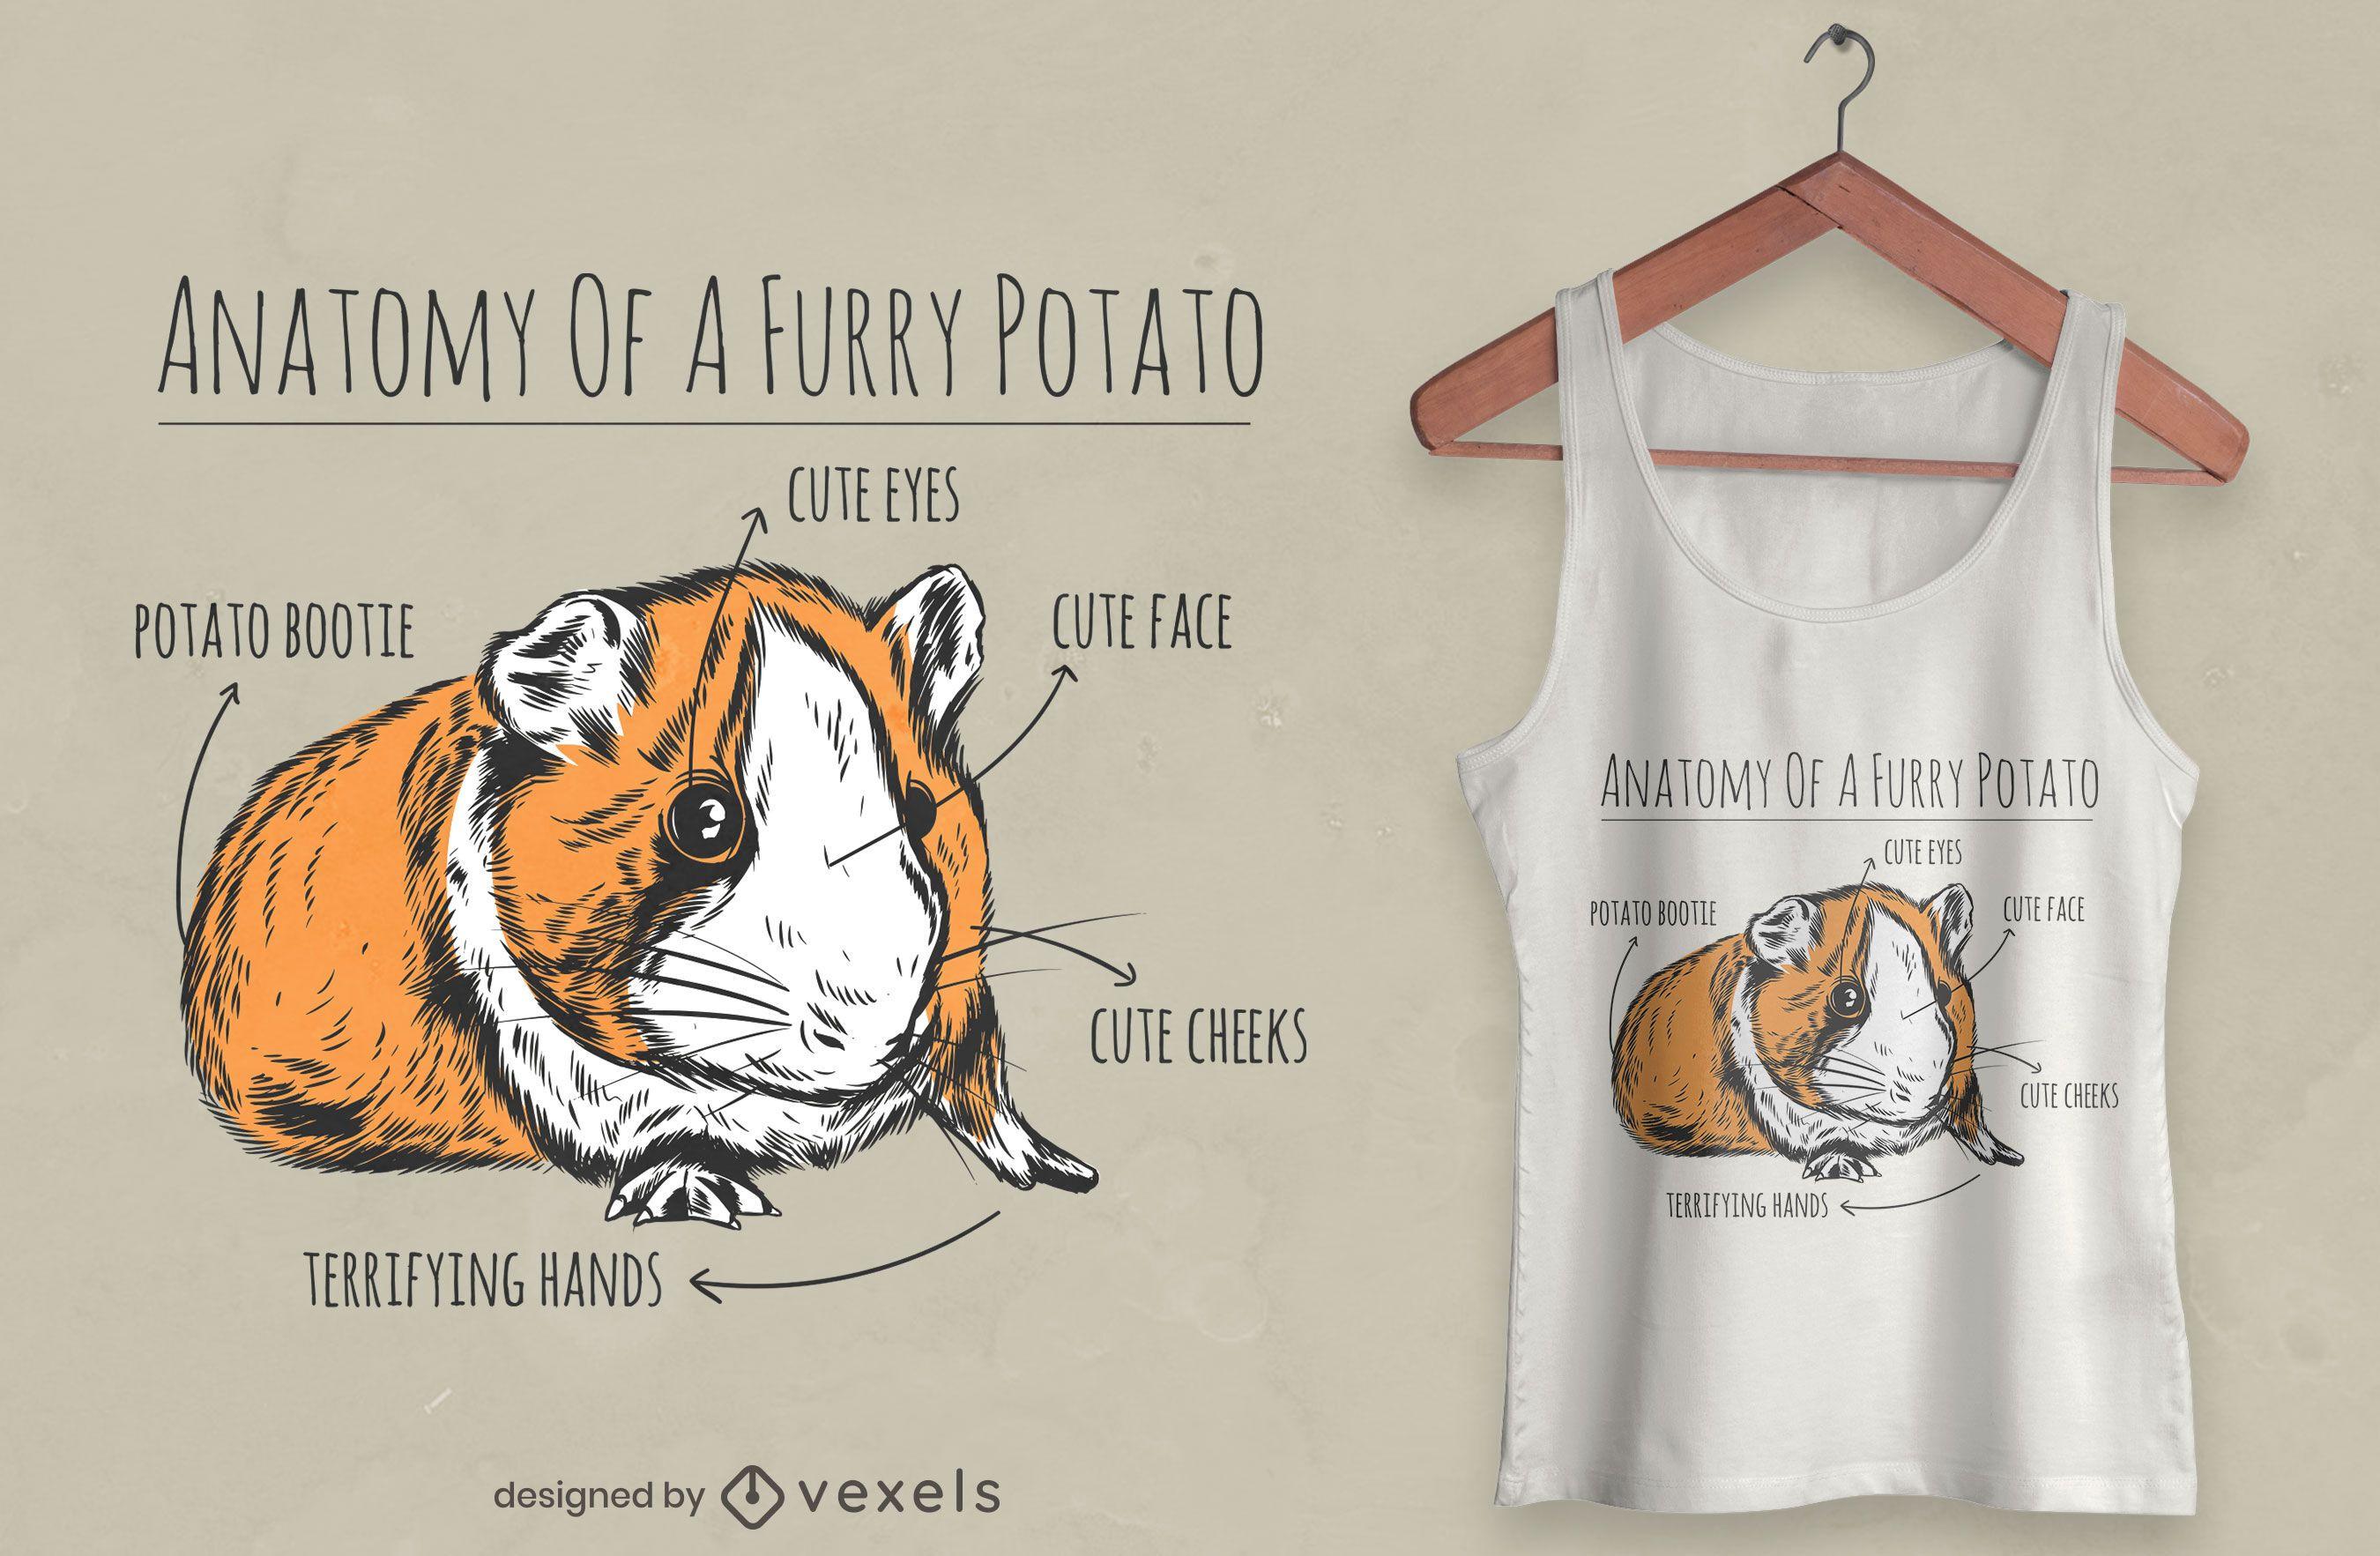 Diseño de camiseta de anatomía de conejillo de indias